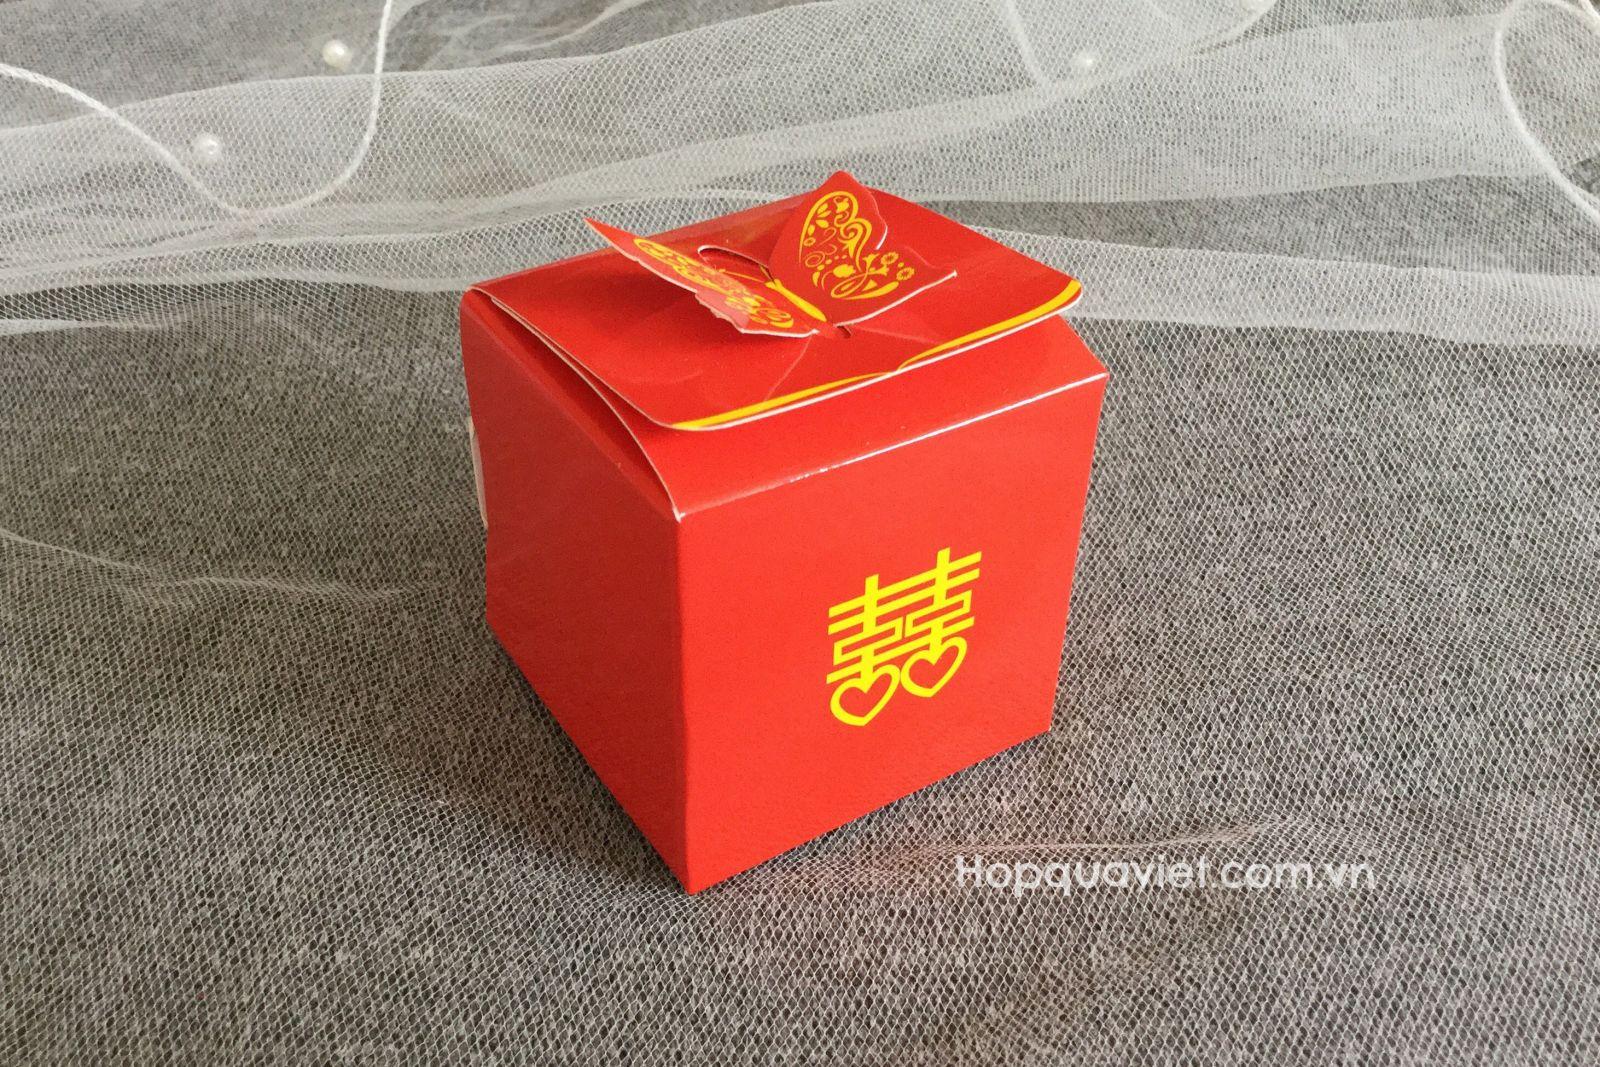 Hộp quà cưới chữ hỉ bướm đỏ 16D